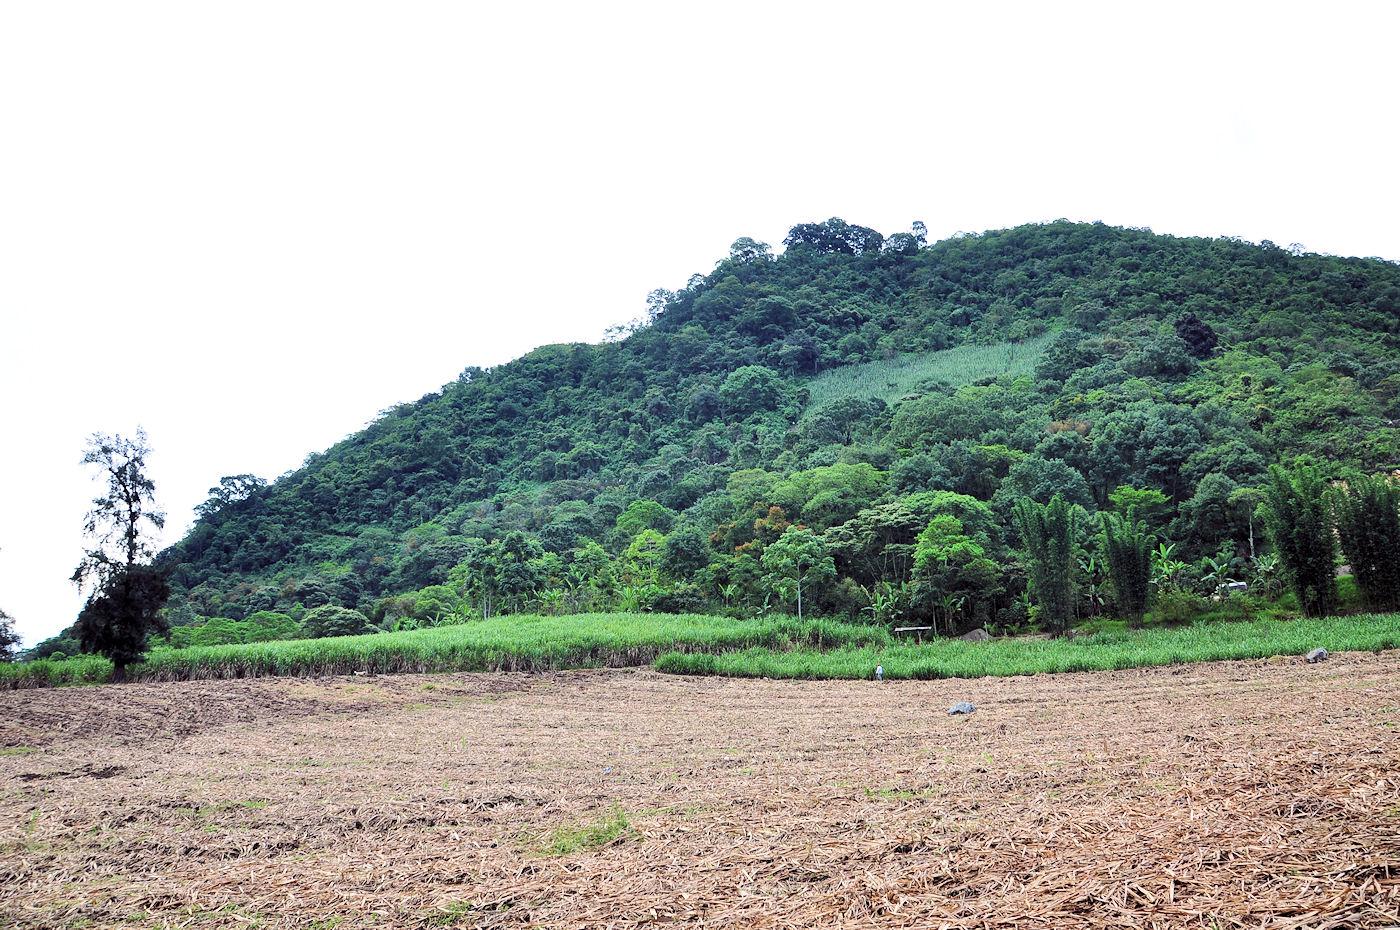 Chayotes, Caña de Azúcar y Paisajes de Chocamán, Veracruz.